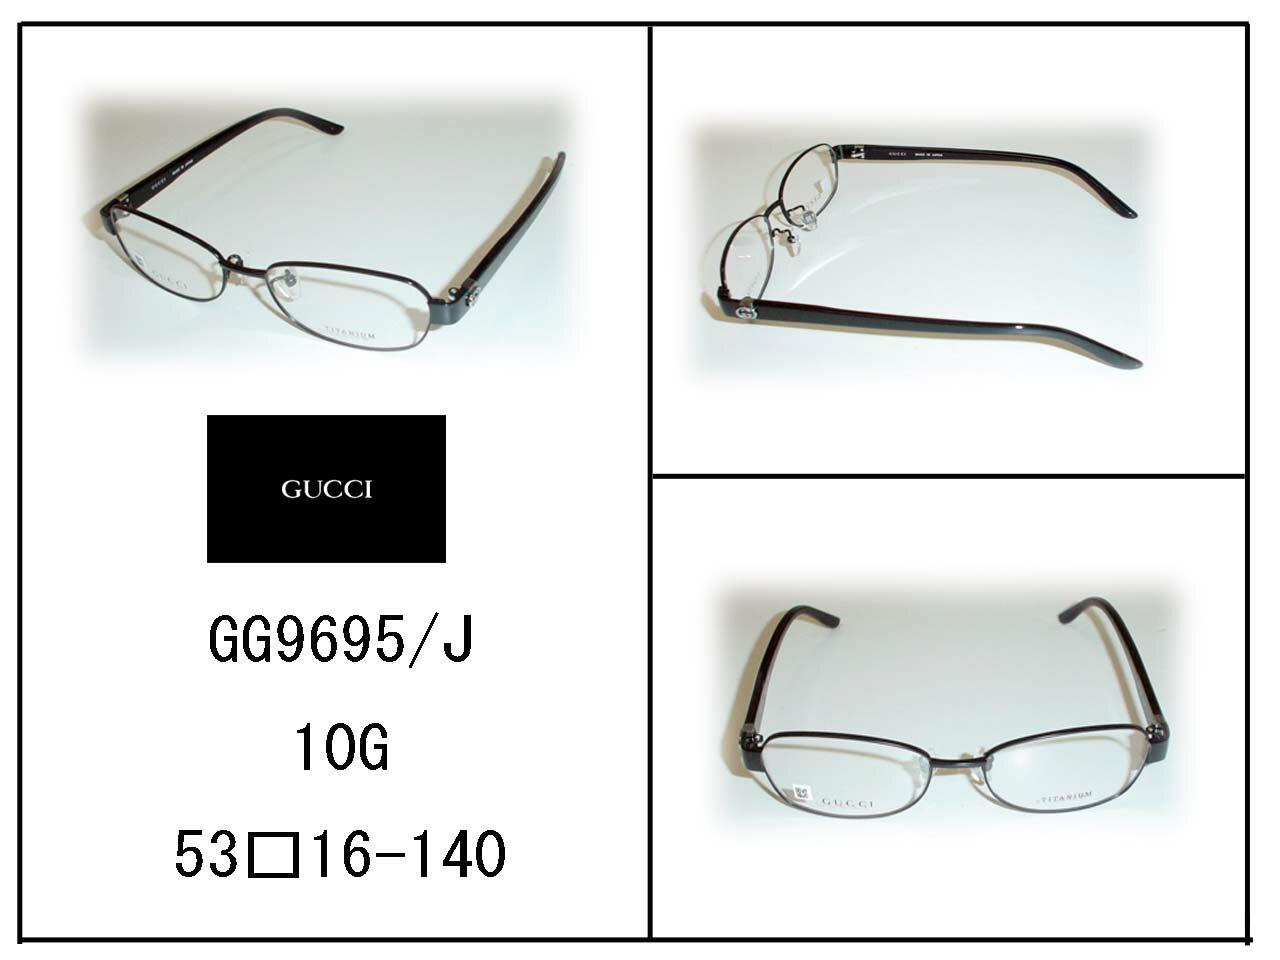 超薄型非球面レンズ付  ★★GUCCI★★   GG9695/J    10G